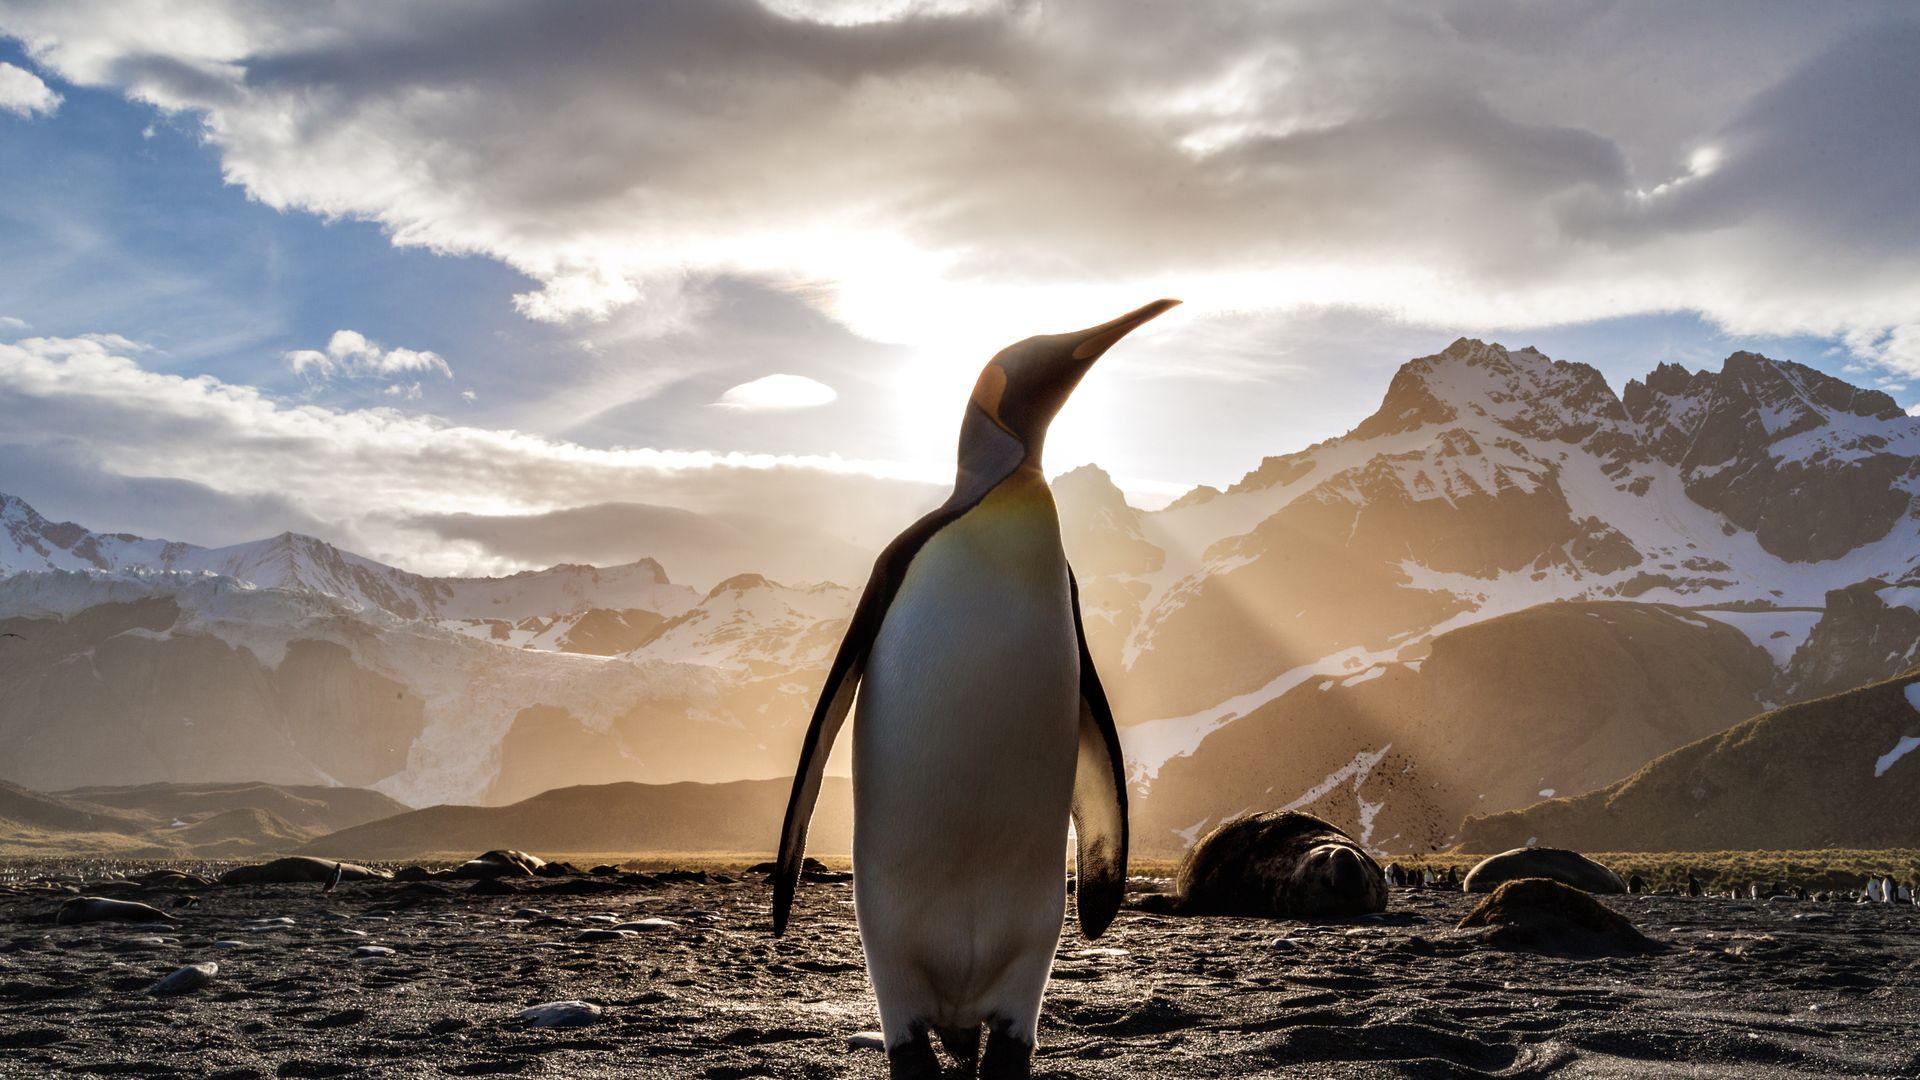 King Penguin Sunrise HD Wallpaper   Wallpaper Stream 1920x1080